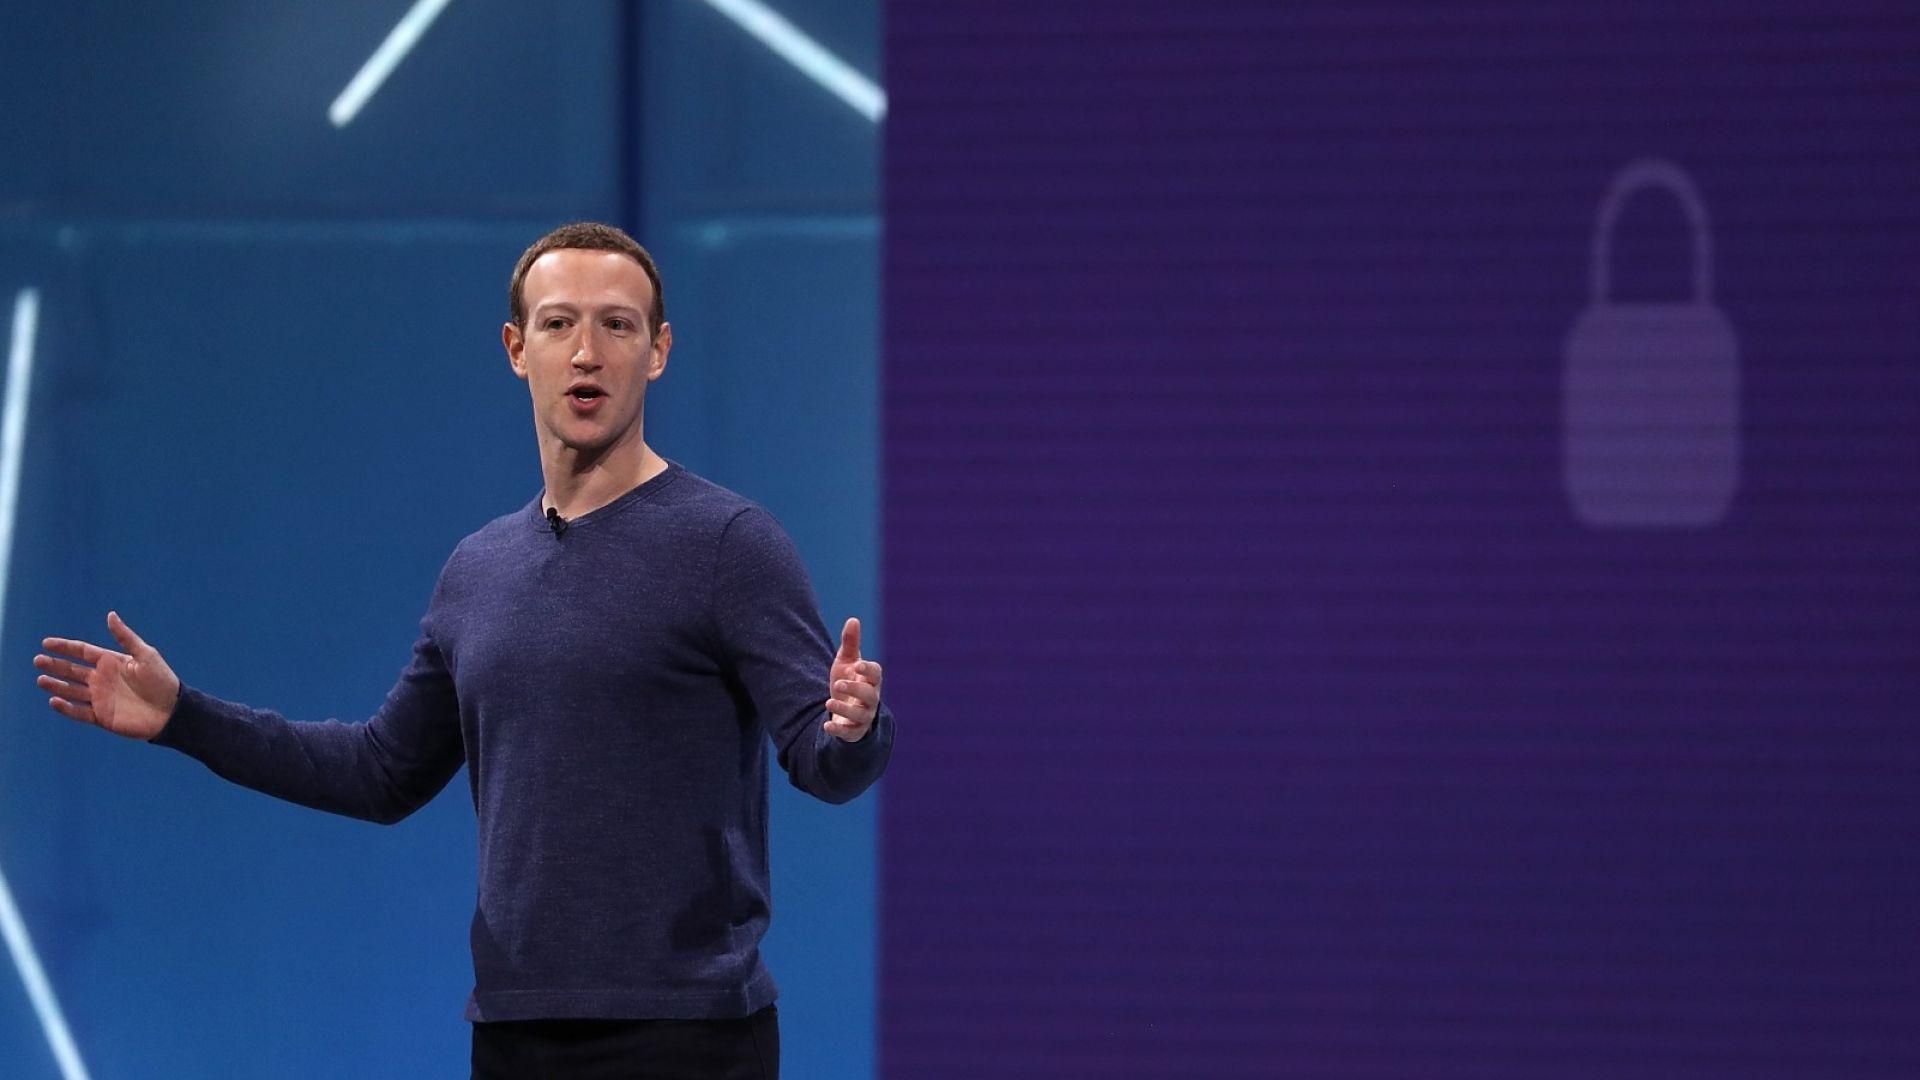 """Зукърбърг анонсира голяма промяна във """"Фейсбук"""""""